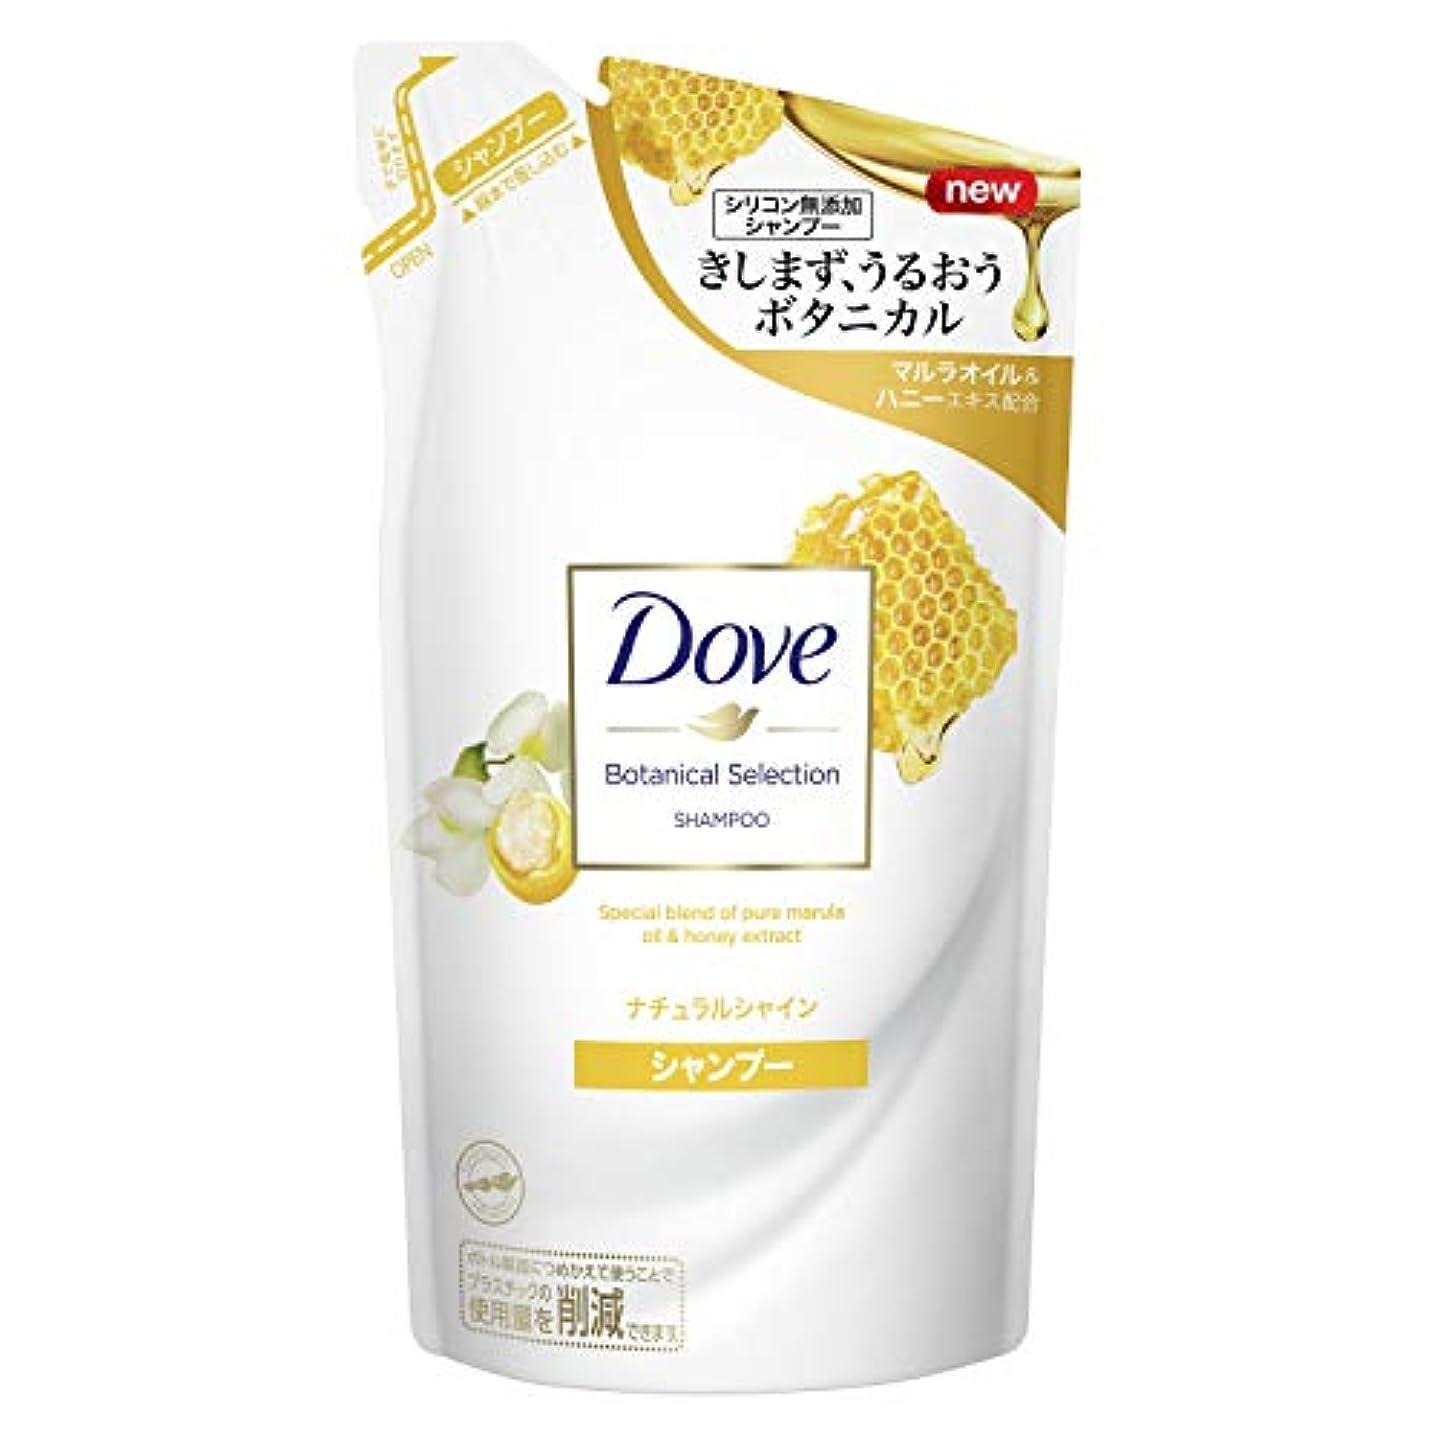 出撃者アミューズメント人形Dove(ダヴ) ダヴ ボタニカルセレクション ナチュラルシャイン シャンプー つめかえ用 350g